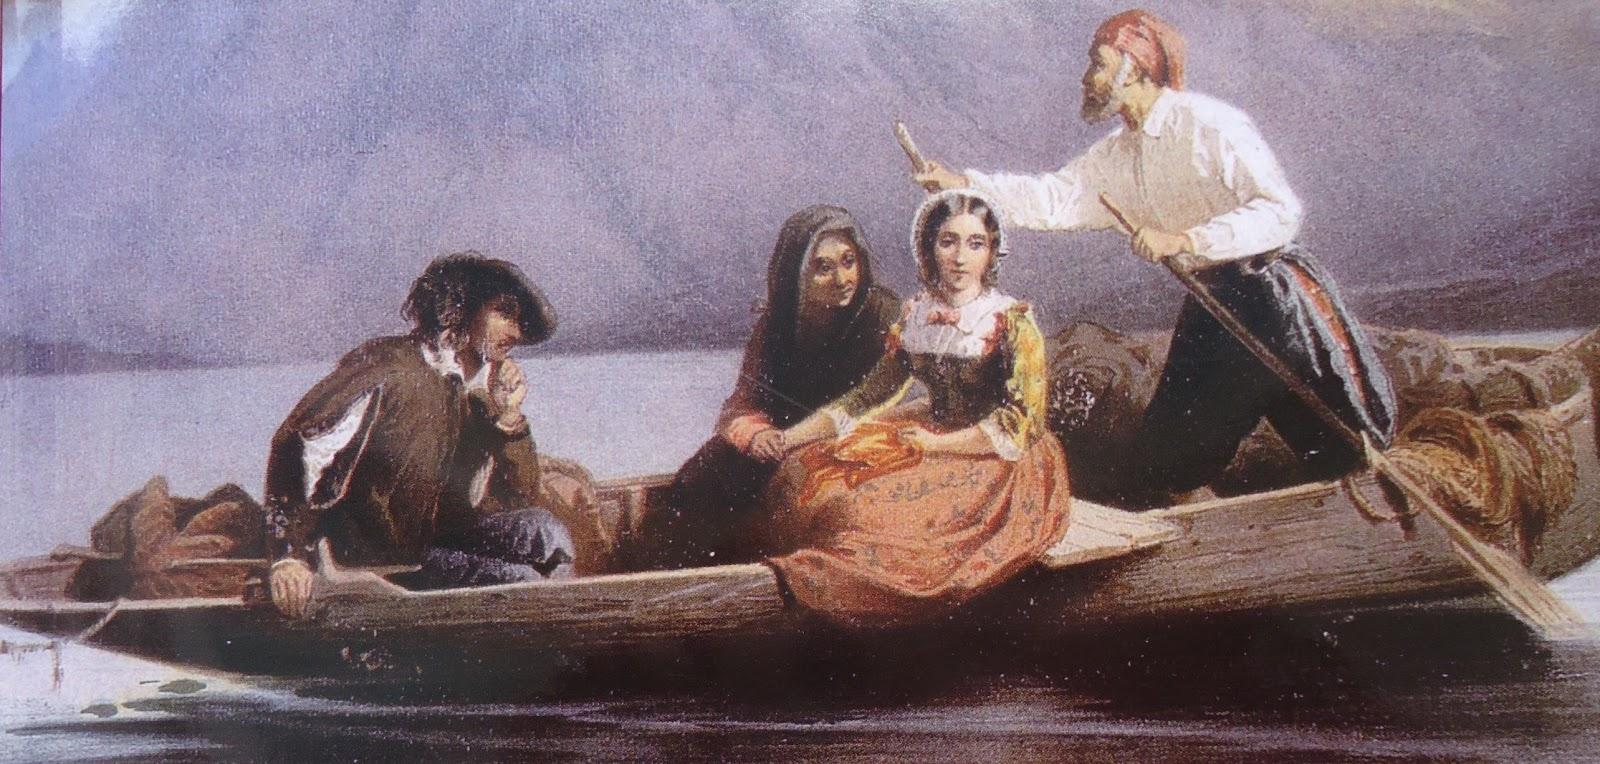 Riassunto capitolo 17 promessi sposi telodicoio for Casa di piantagioni del sud